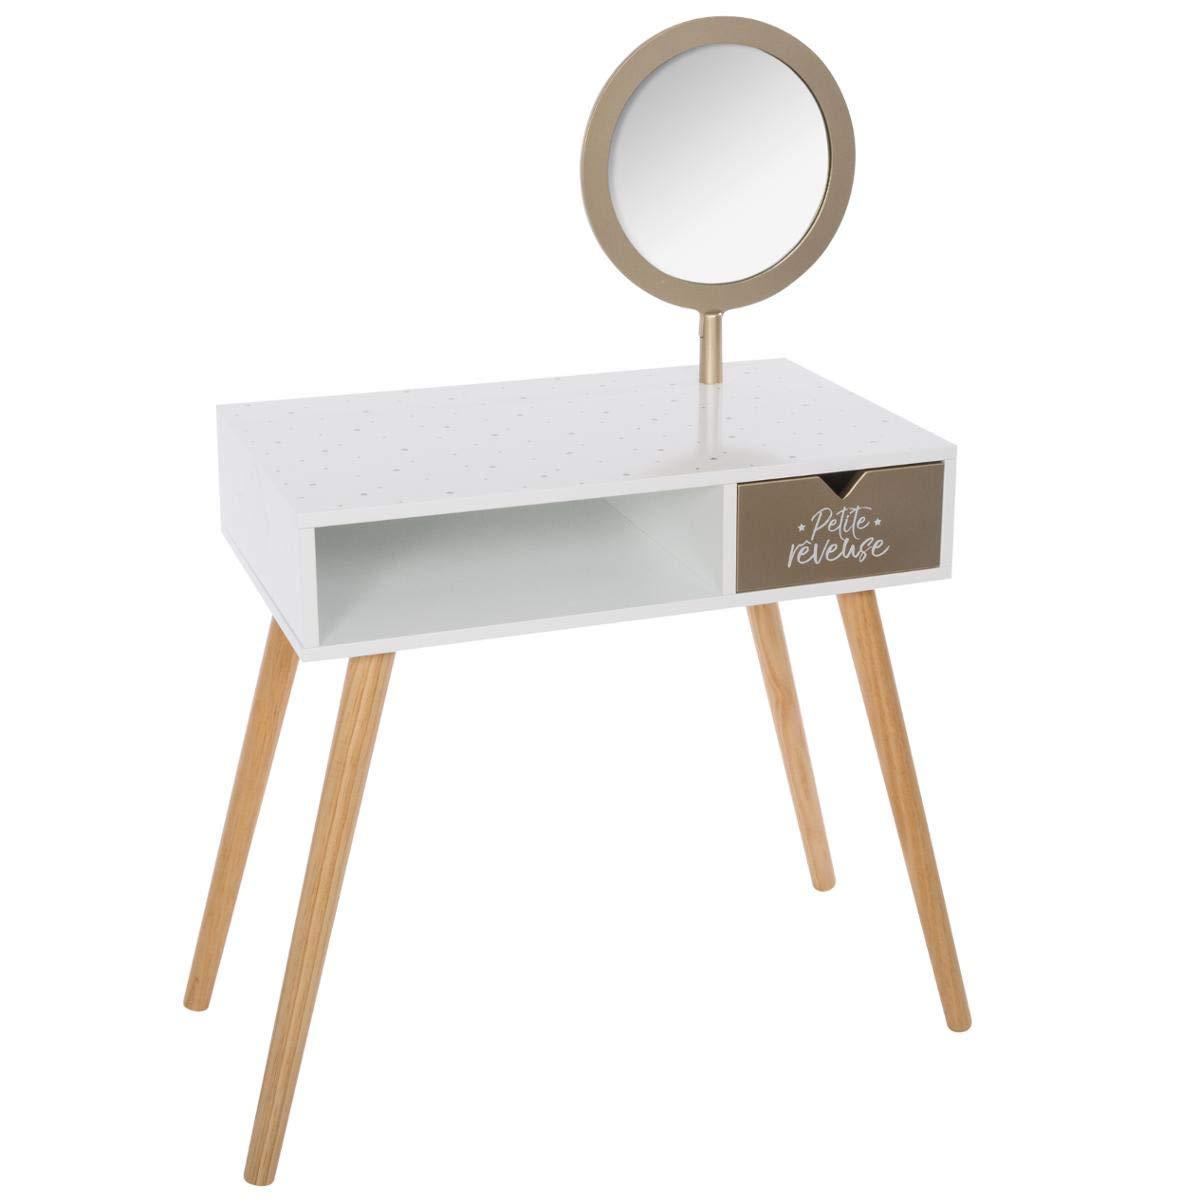 Atmosphera – Toeletta con specchio girevole per cameretta dei bimbi